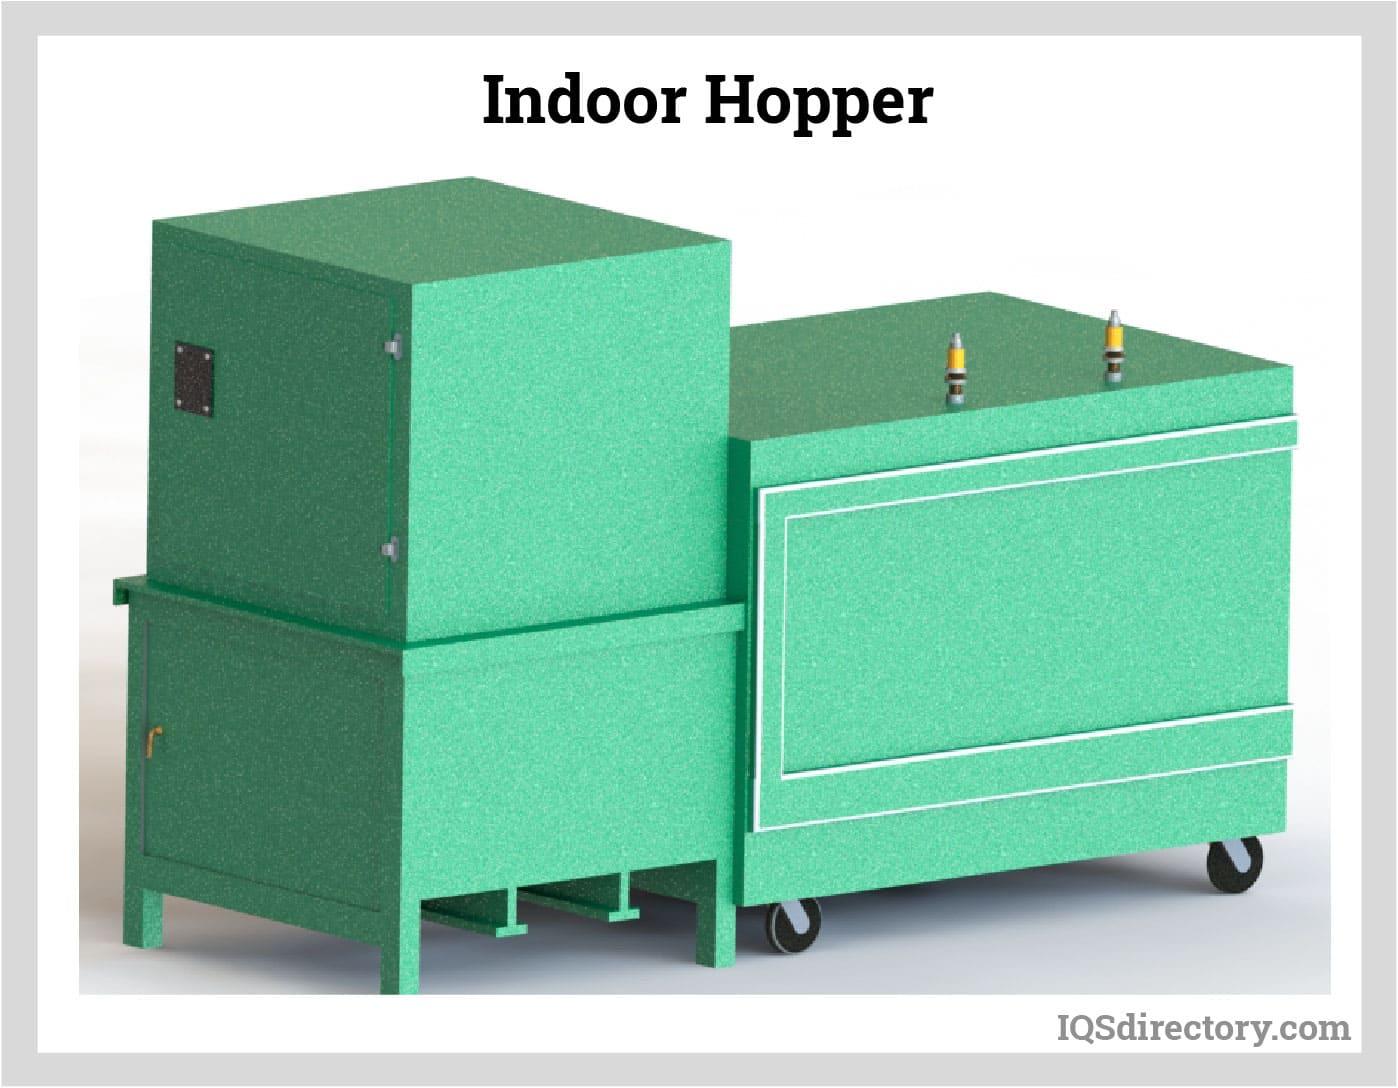 Indoor Hopper